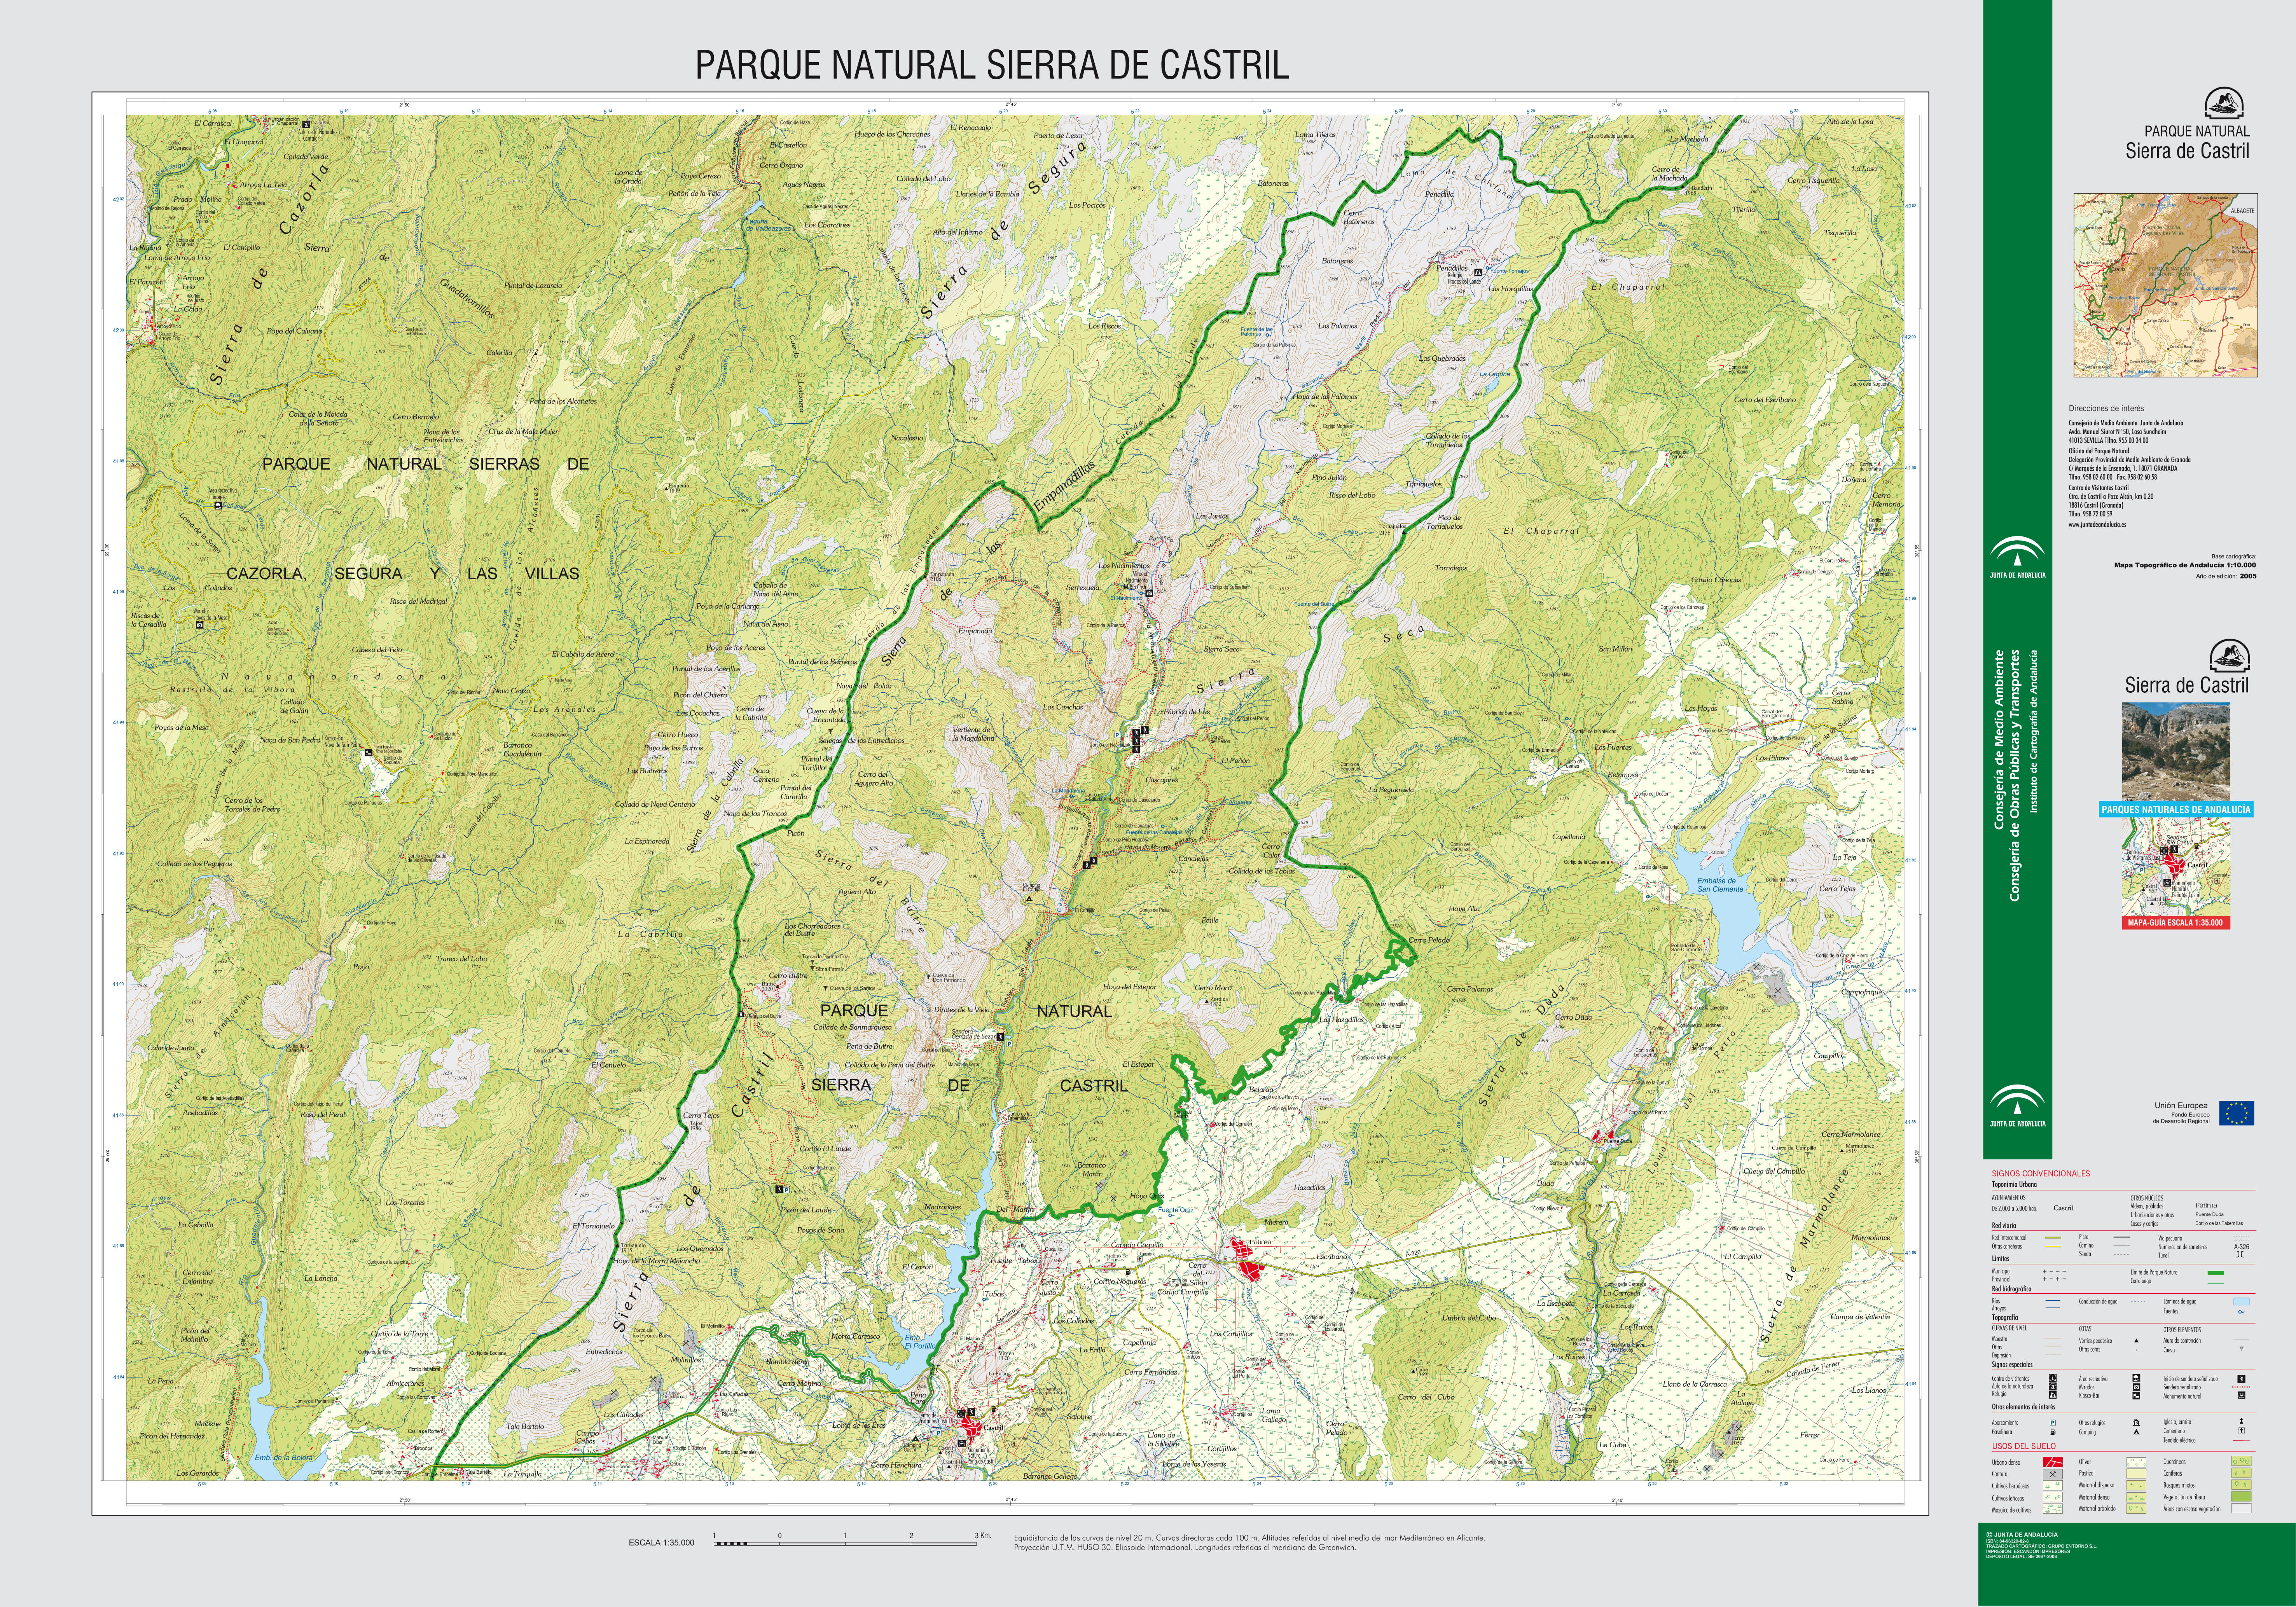 Parque Natural de la Sierra de Castril 2006